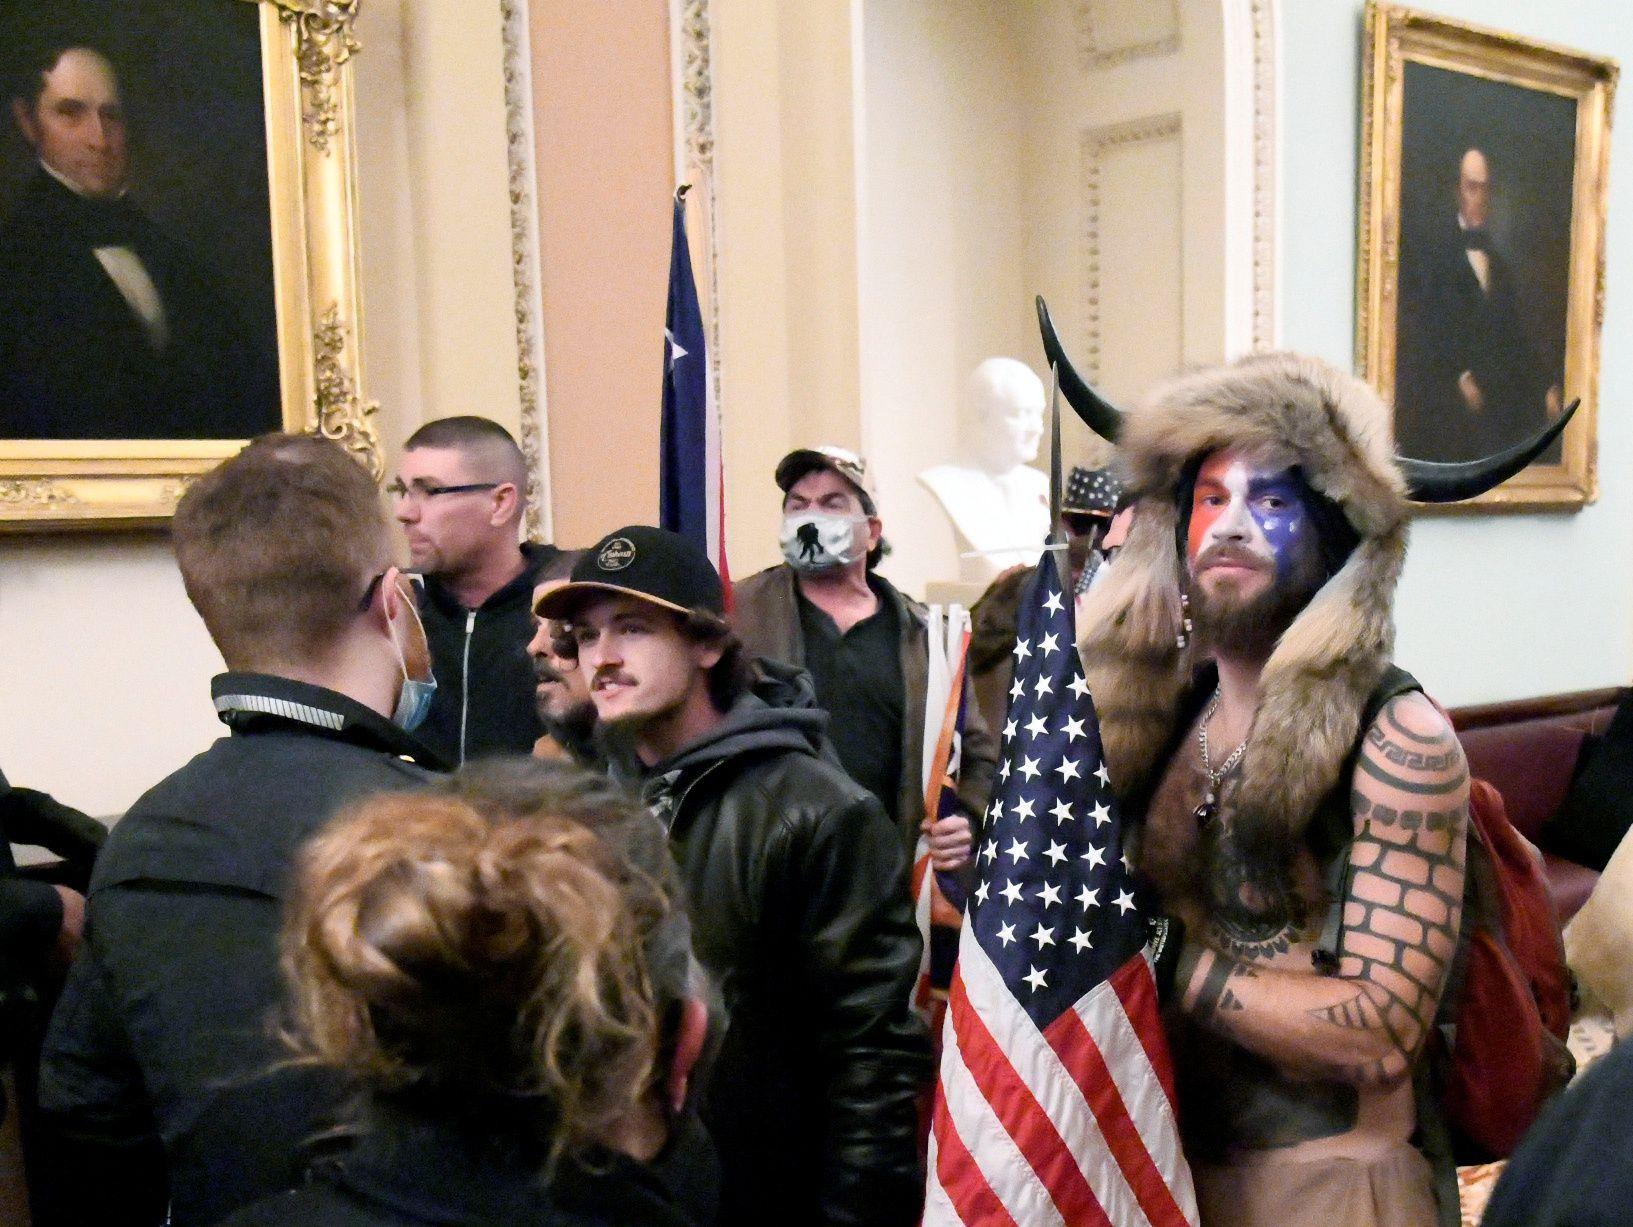 Jake Angeli en el Capitolio disfrazado de guerrero sioux. Foto de Mike Theiller, REUTERS